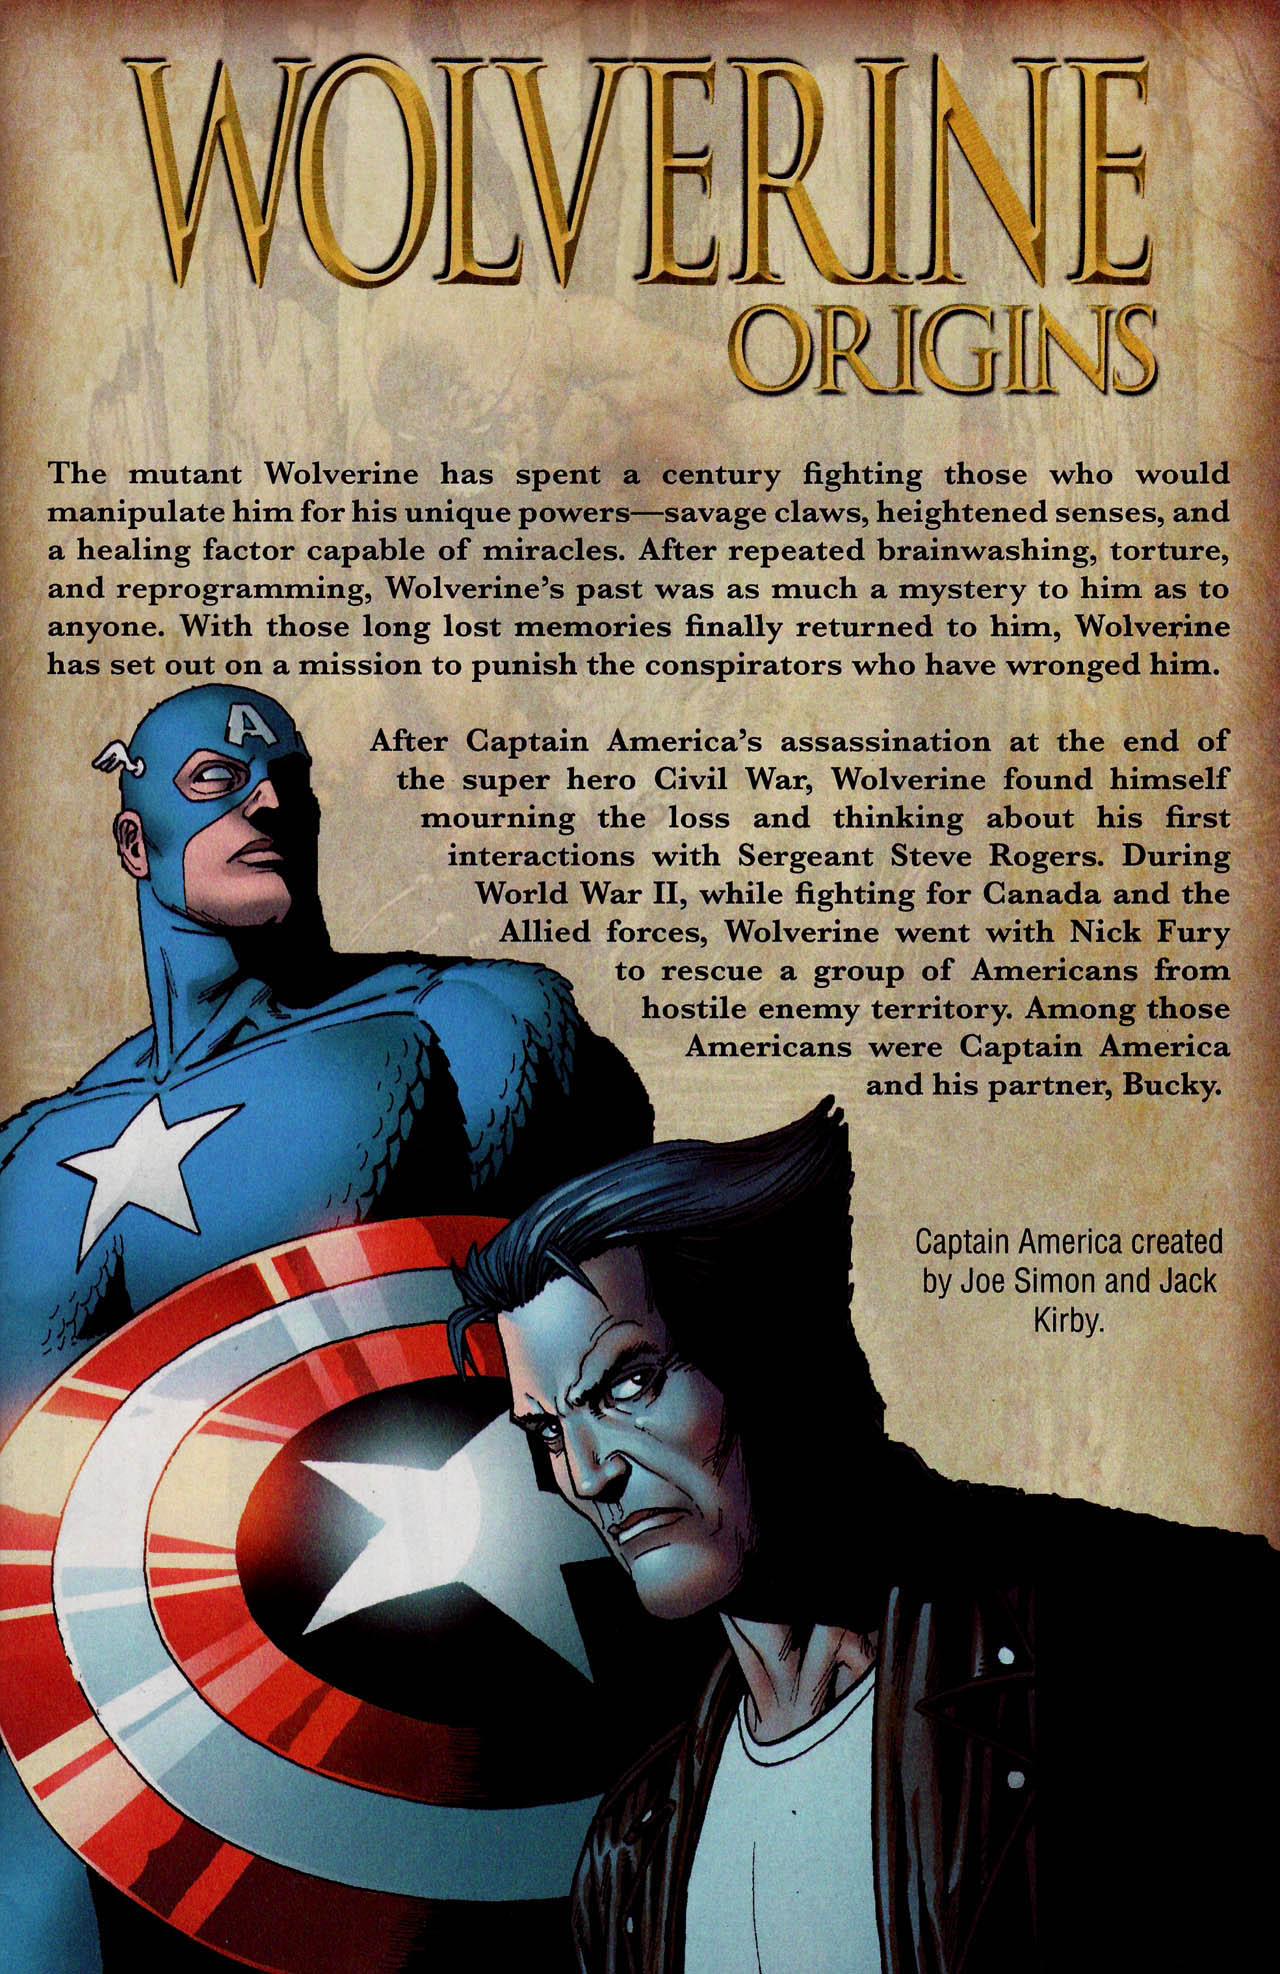 Read online Wolverine: Origins comic -  Issue #18 - 2